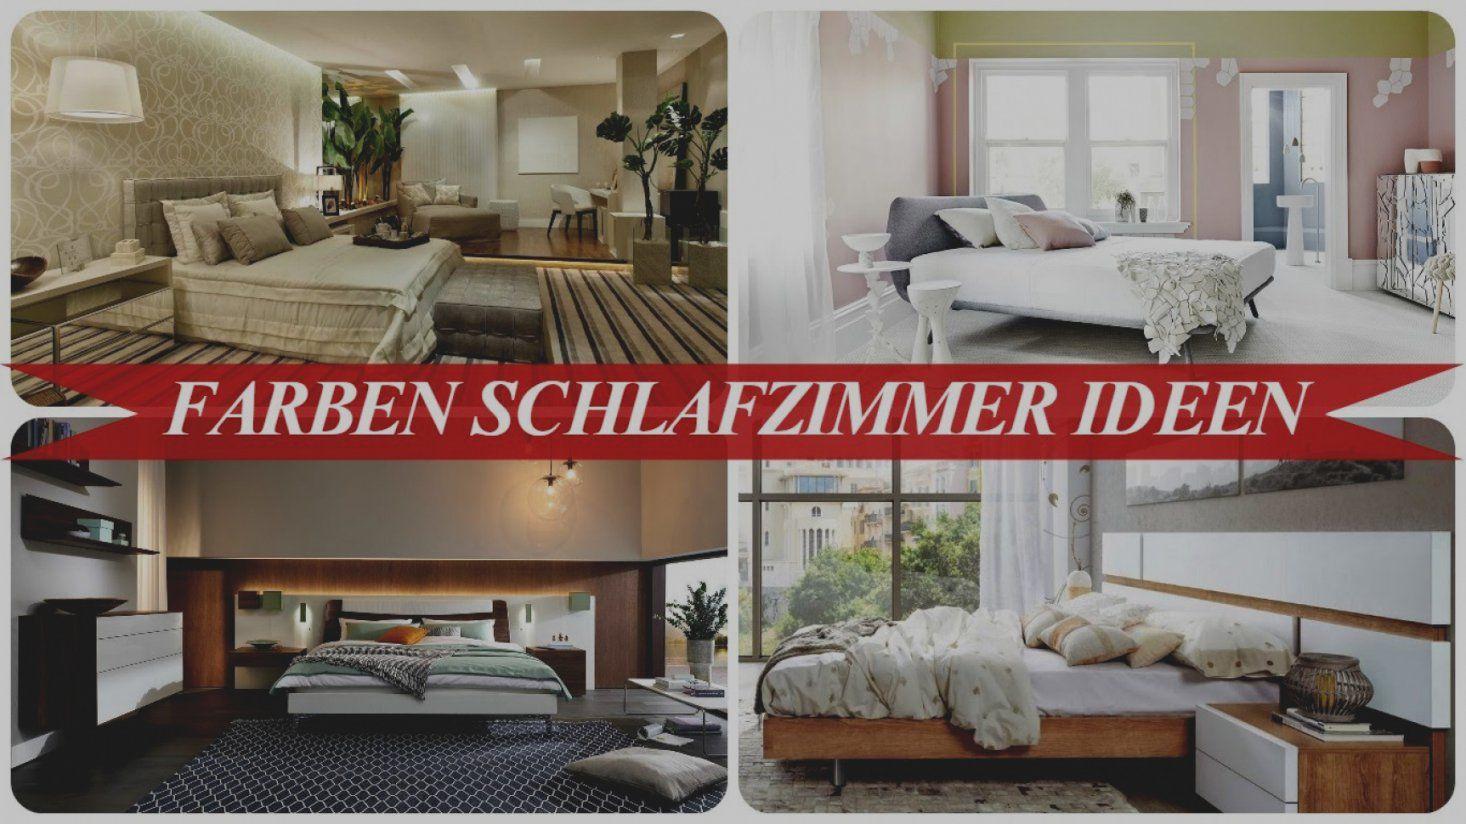 Bilder Von Schlafzimmer Farben Ideen Für Die Gestaltung Vom Alpina von Farben Fürs Schlafzimmer Ideen Photo